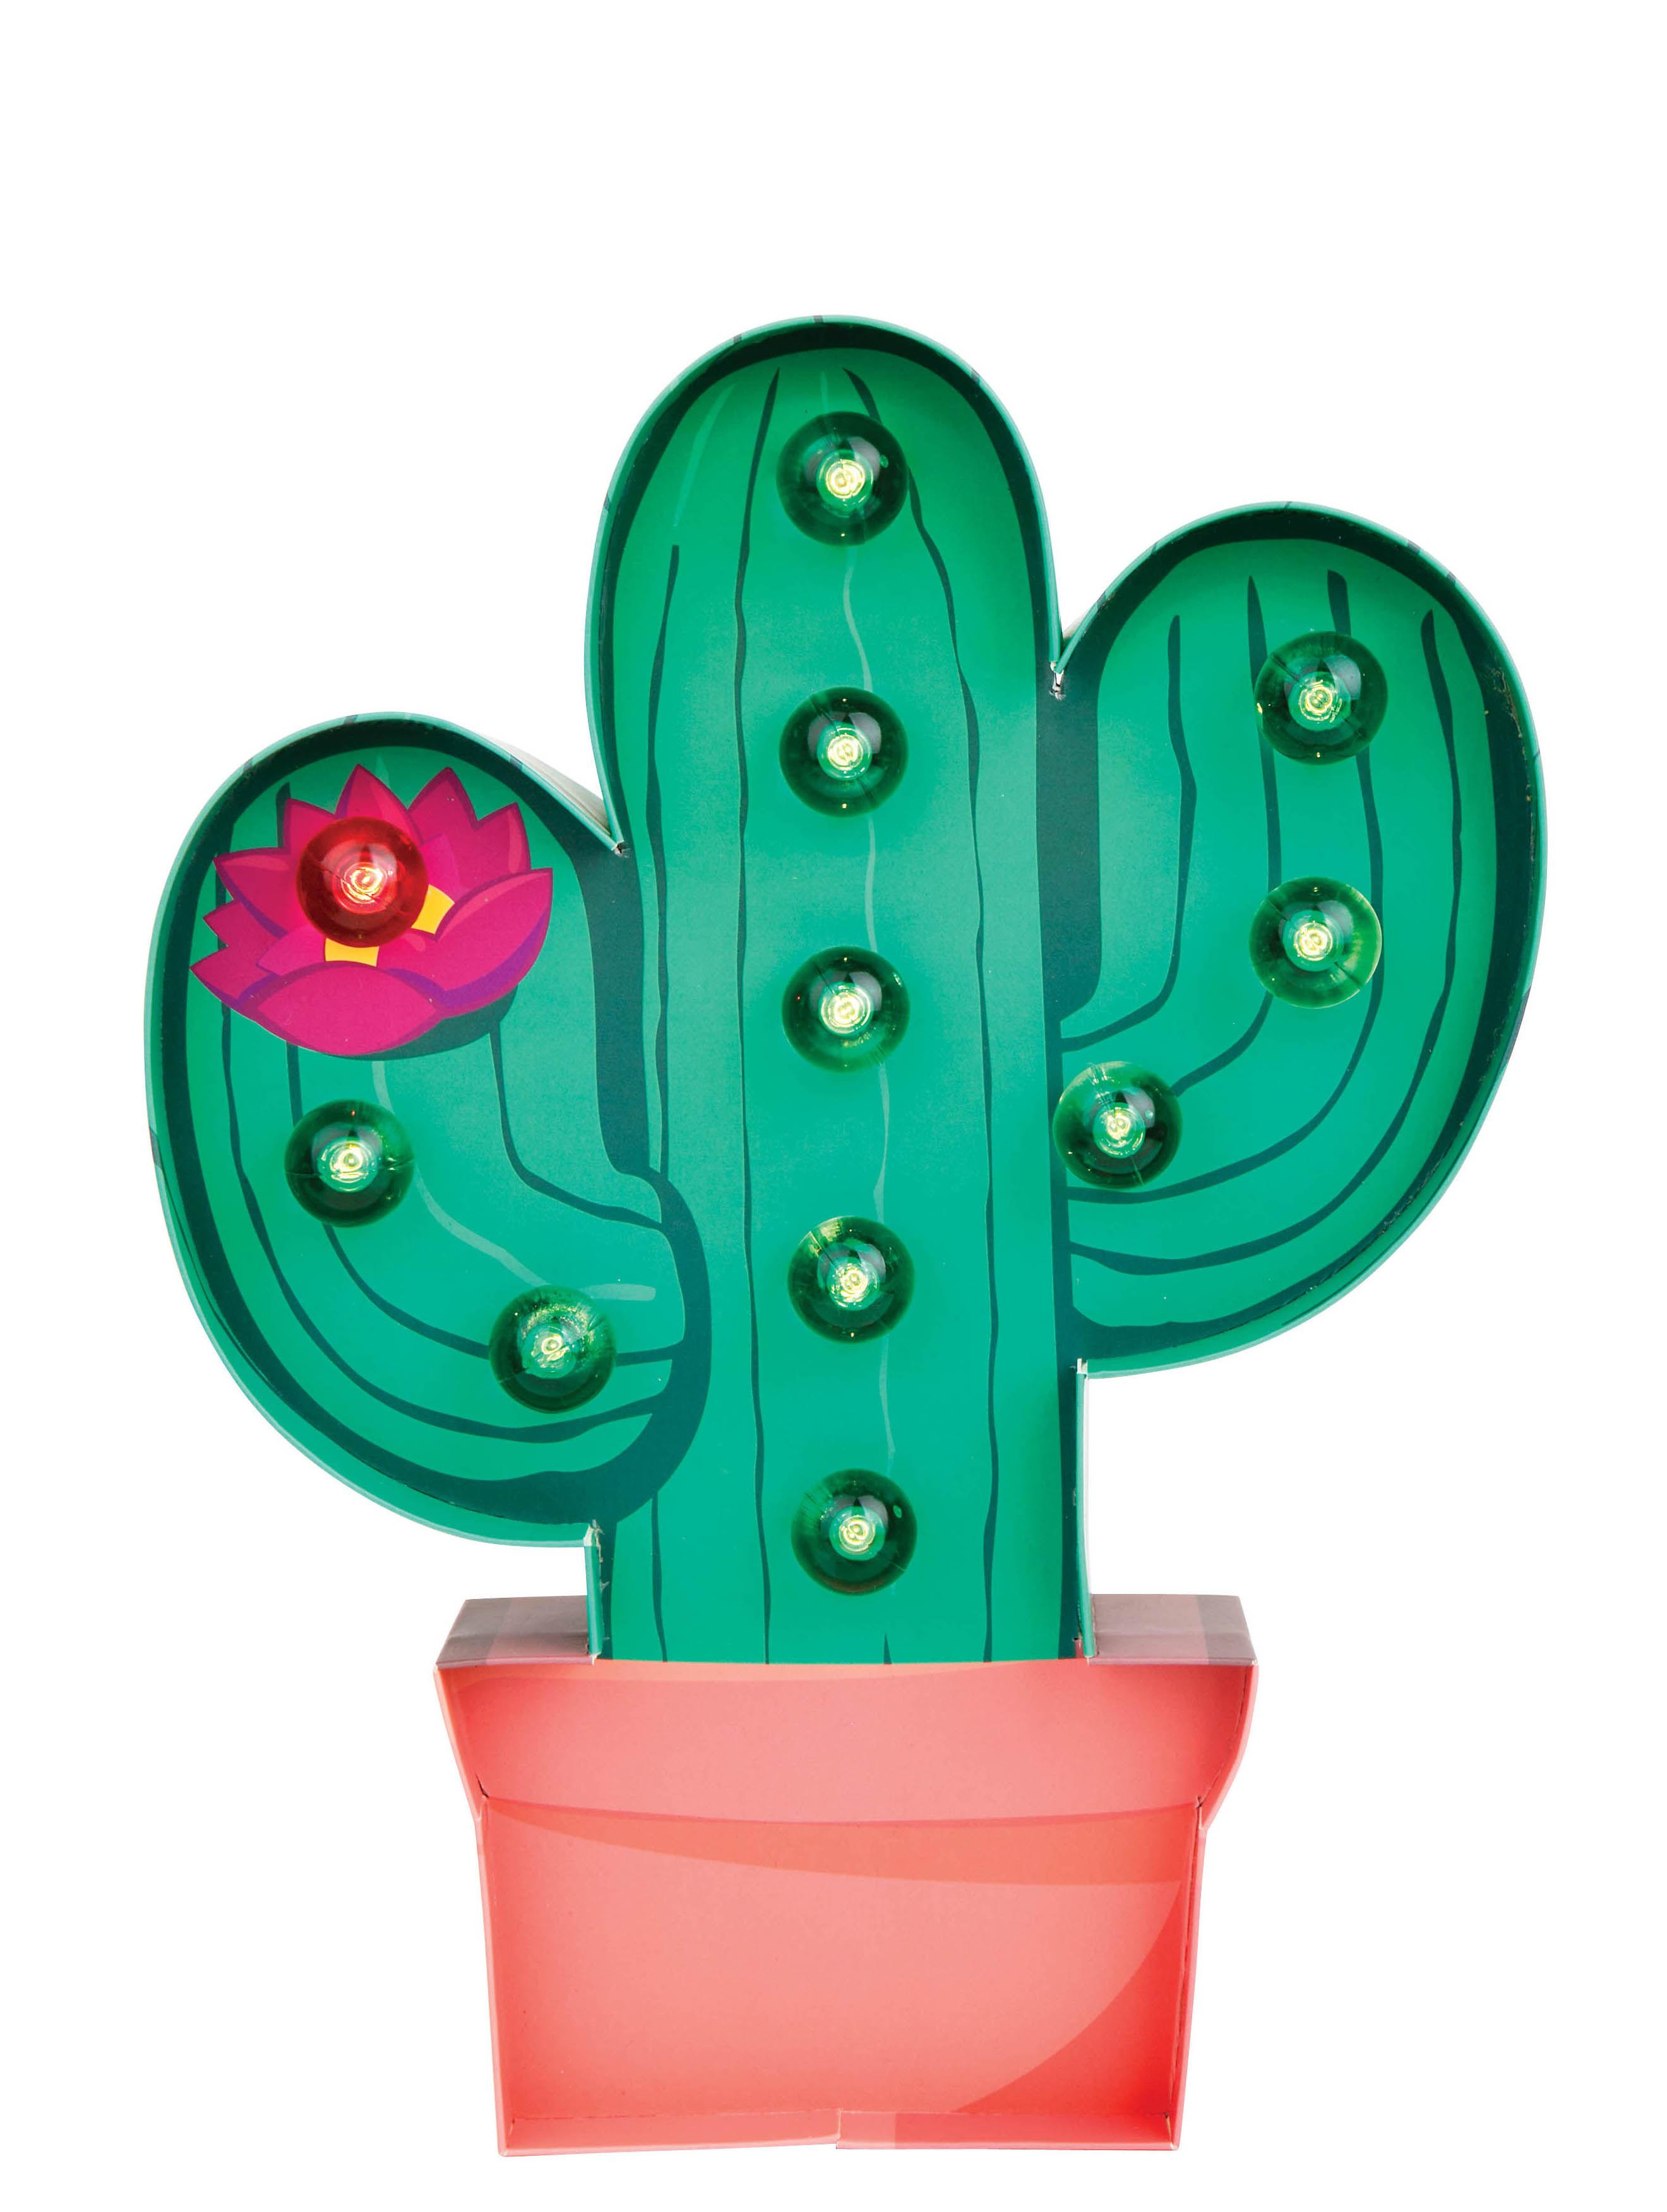 Déco - Pour les enfants - Veilleuse Cactus / Applique - Carton - H 30 cm - Sunnylife - Vert - Carton